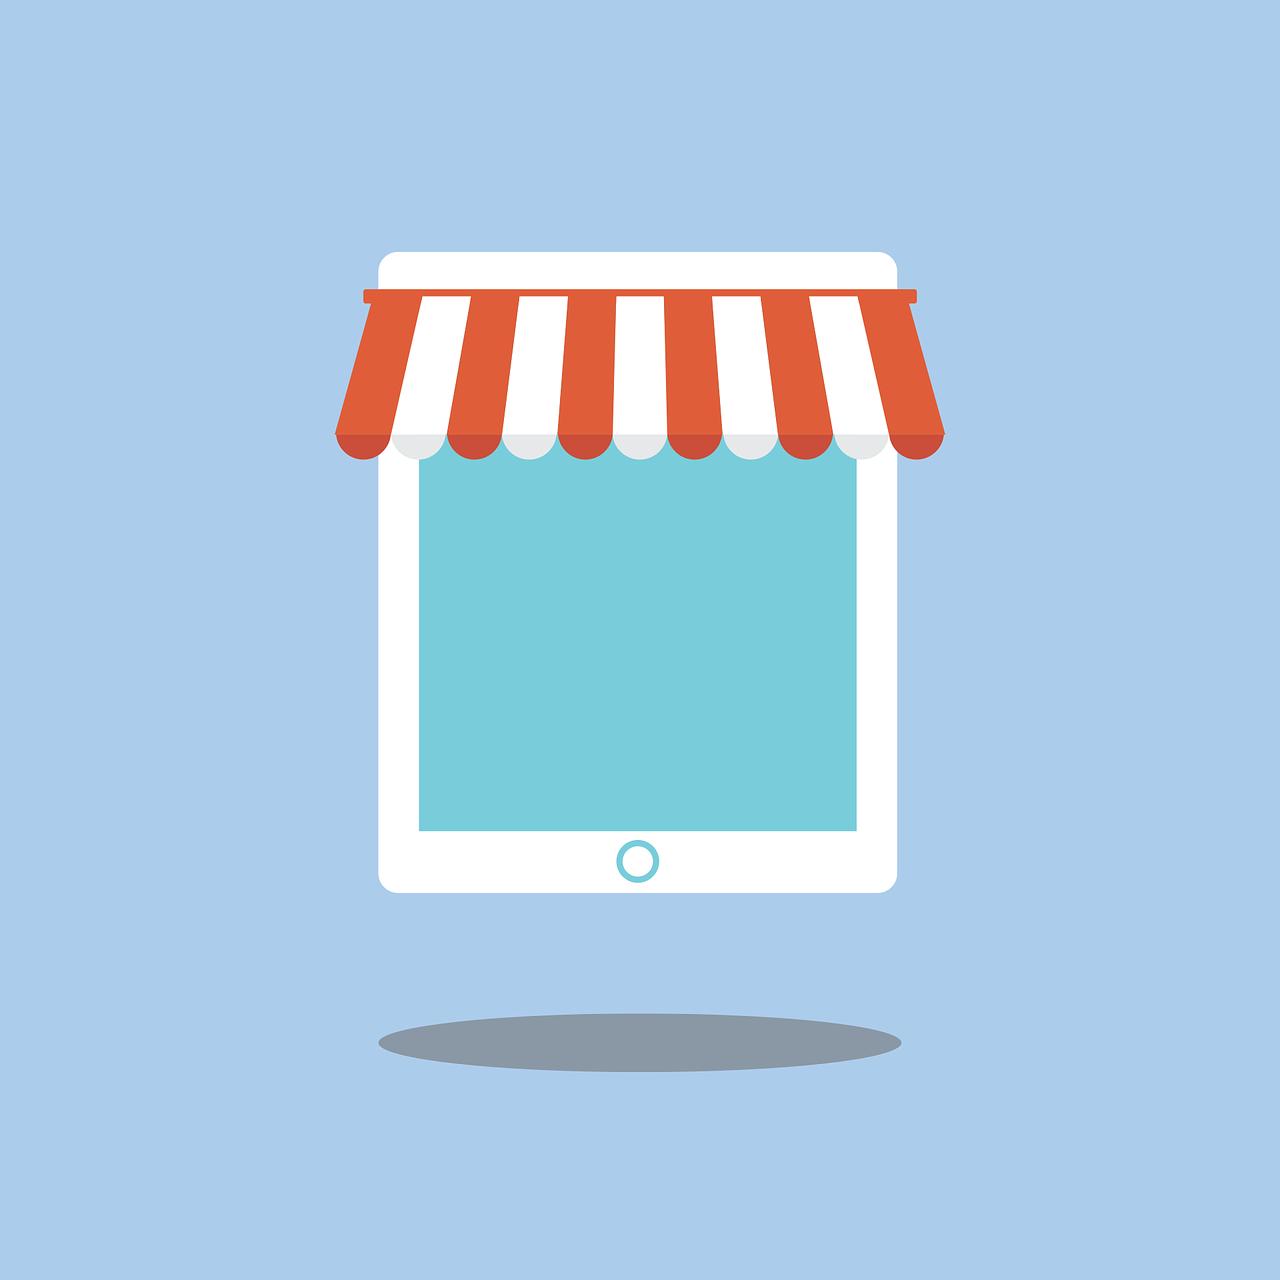 Küçük İşletmeler İçin Web Tasarım Önerileri